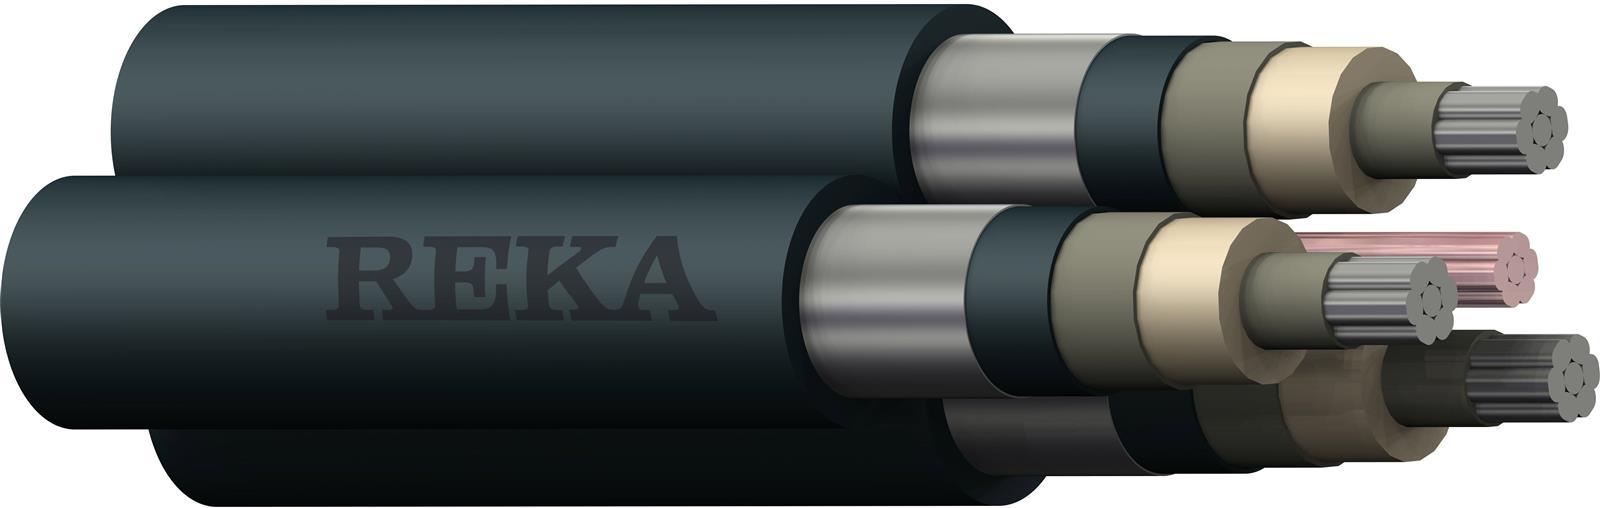 AHXAMK-W TT 24KV 3X240/70